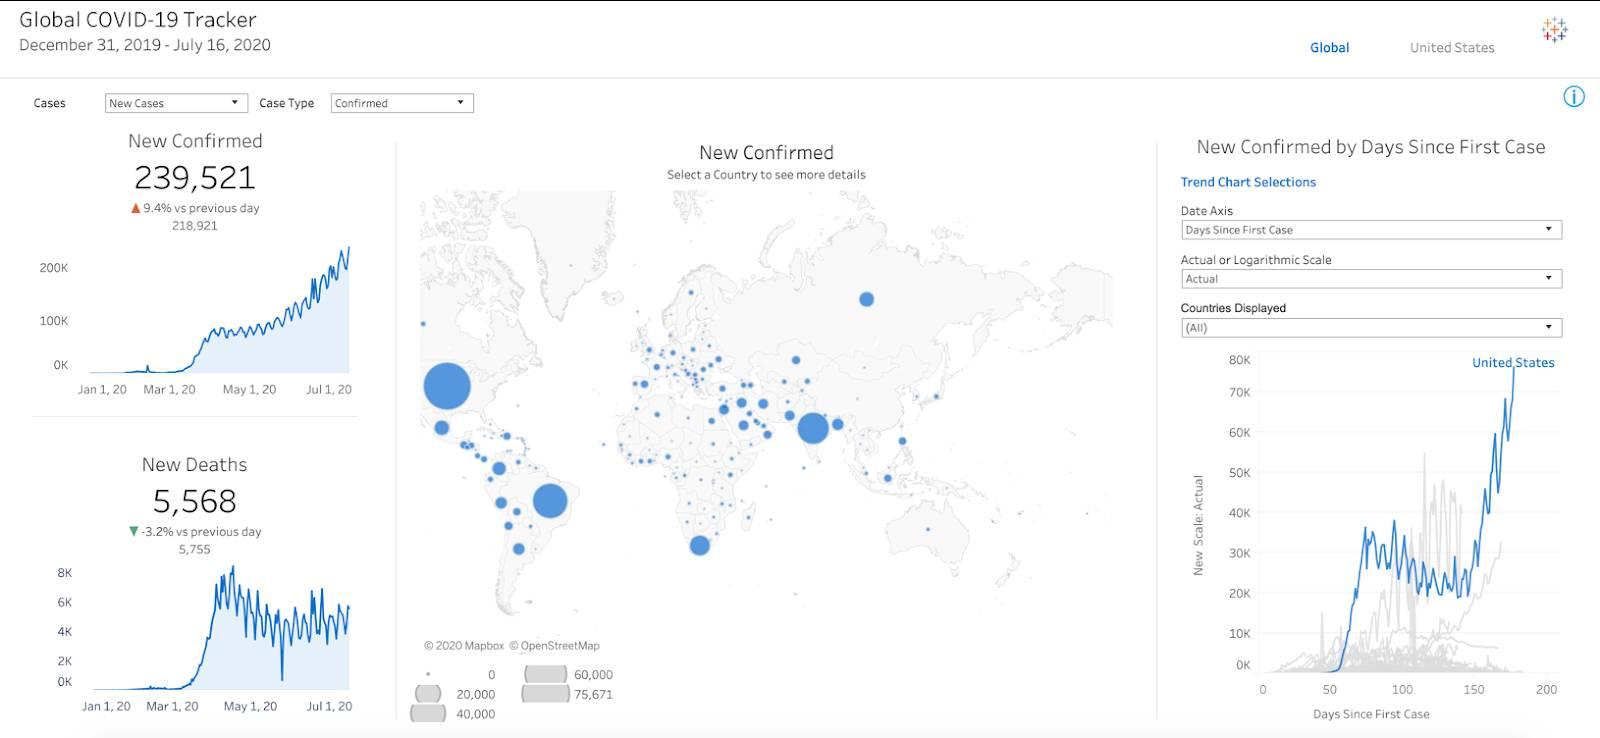 Global COVID-19 Tracker